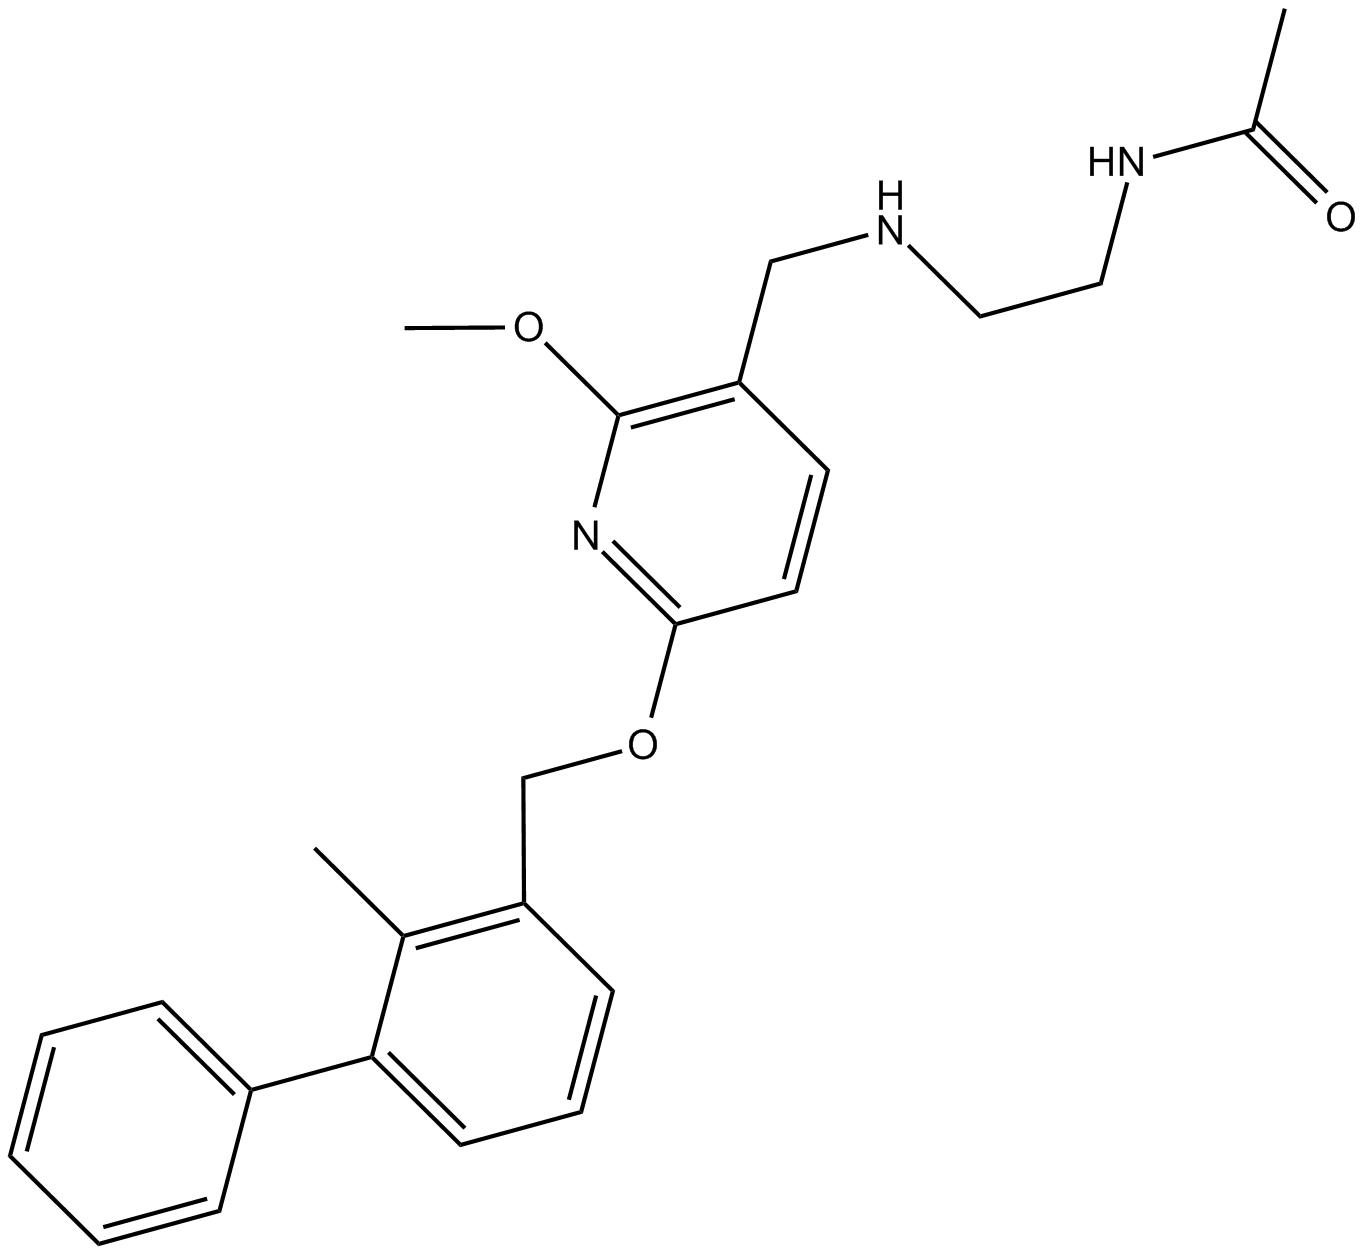 PD-1/PD-L1 inhibitor 2